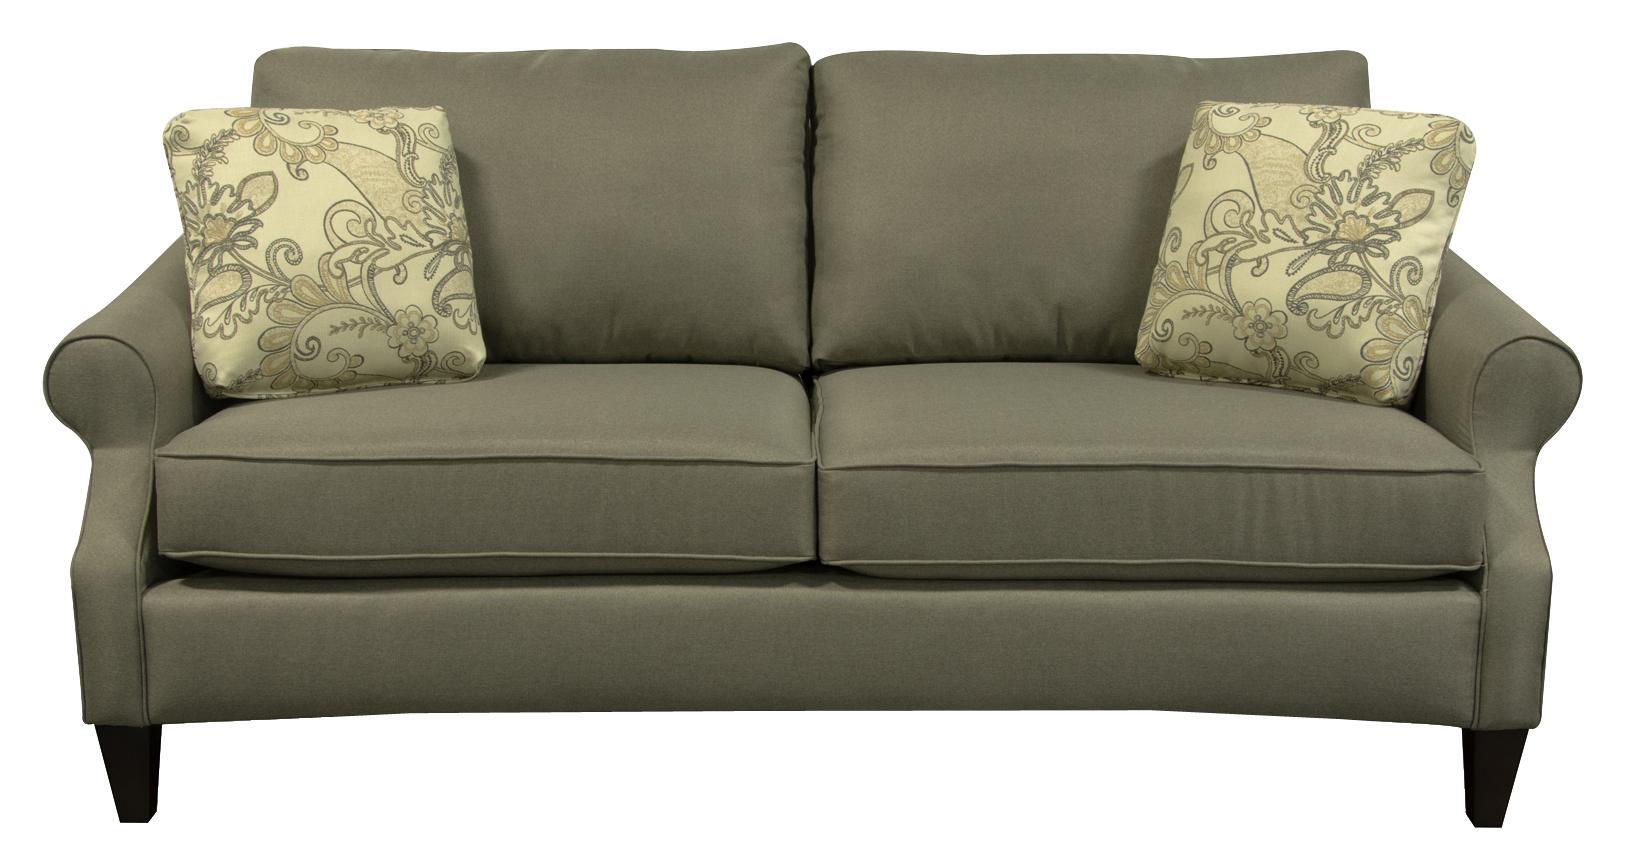 England Duke Living Room Sofa - Item Number: 3135